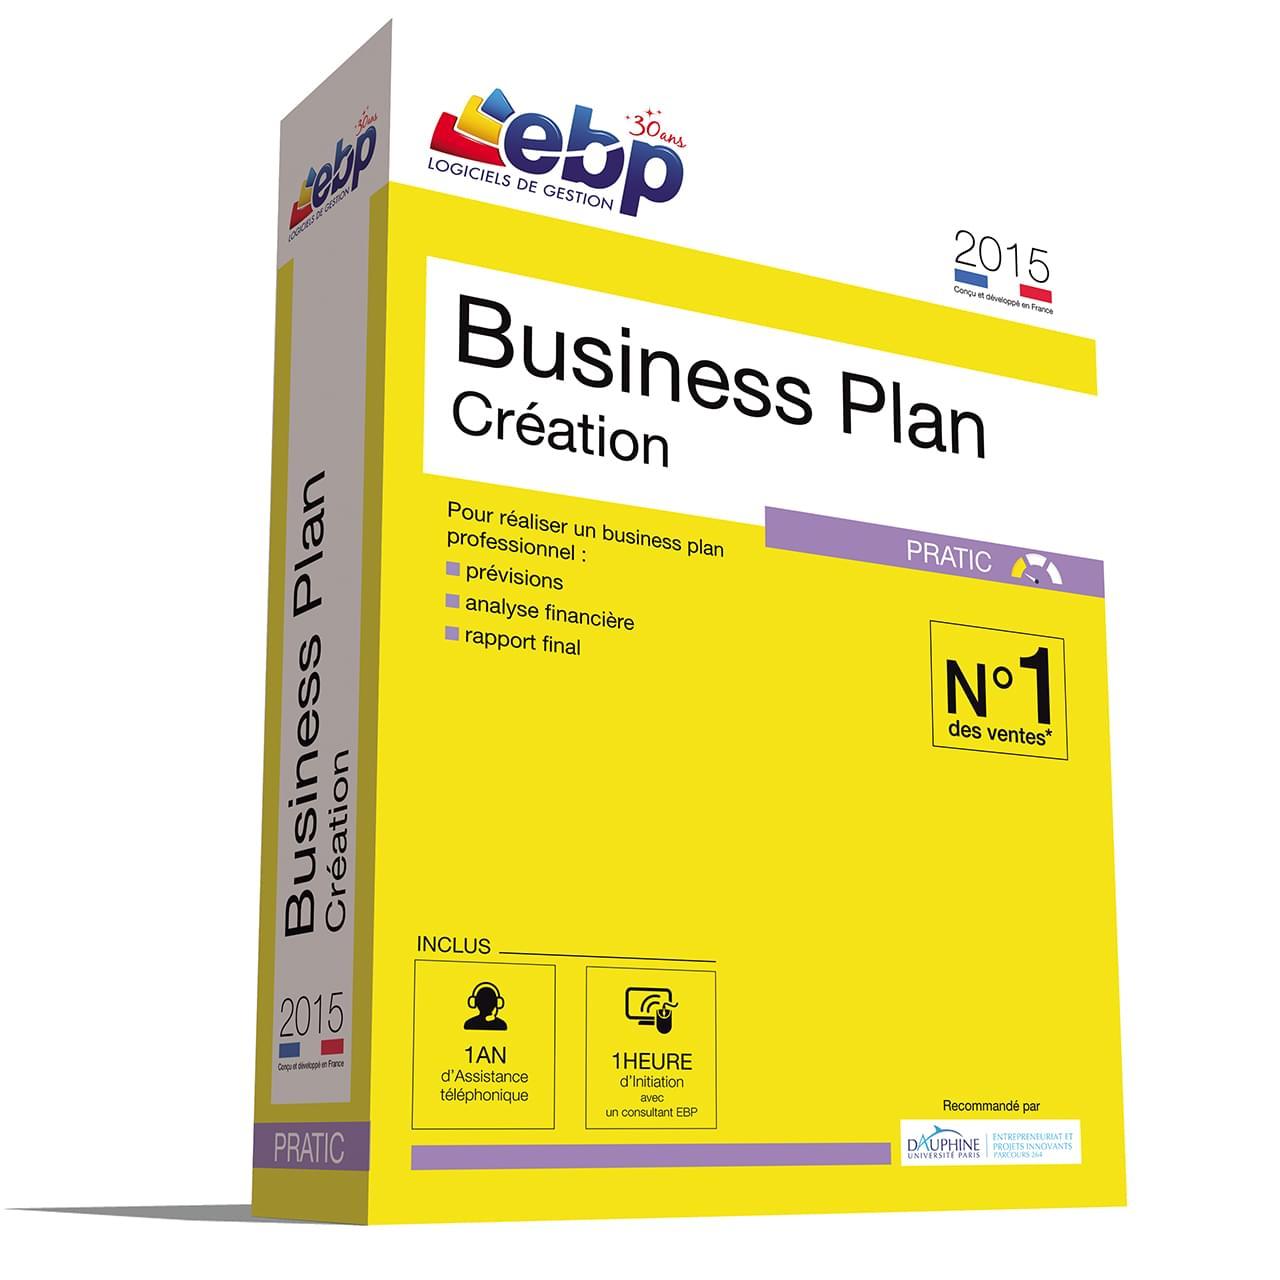 EBP Business Plan Pratic 2015 + VIP (1155E071FAB) - Achat / Vente Logiciel application sur Cybertek.fr - 0